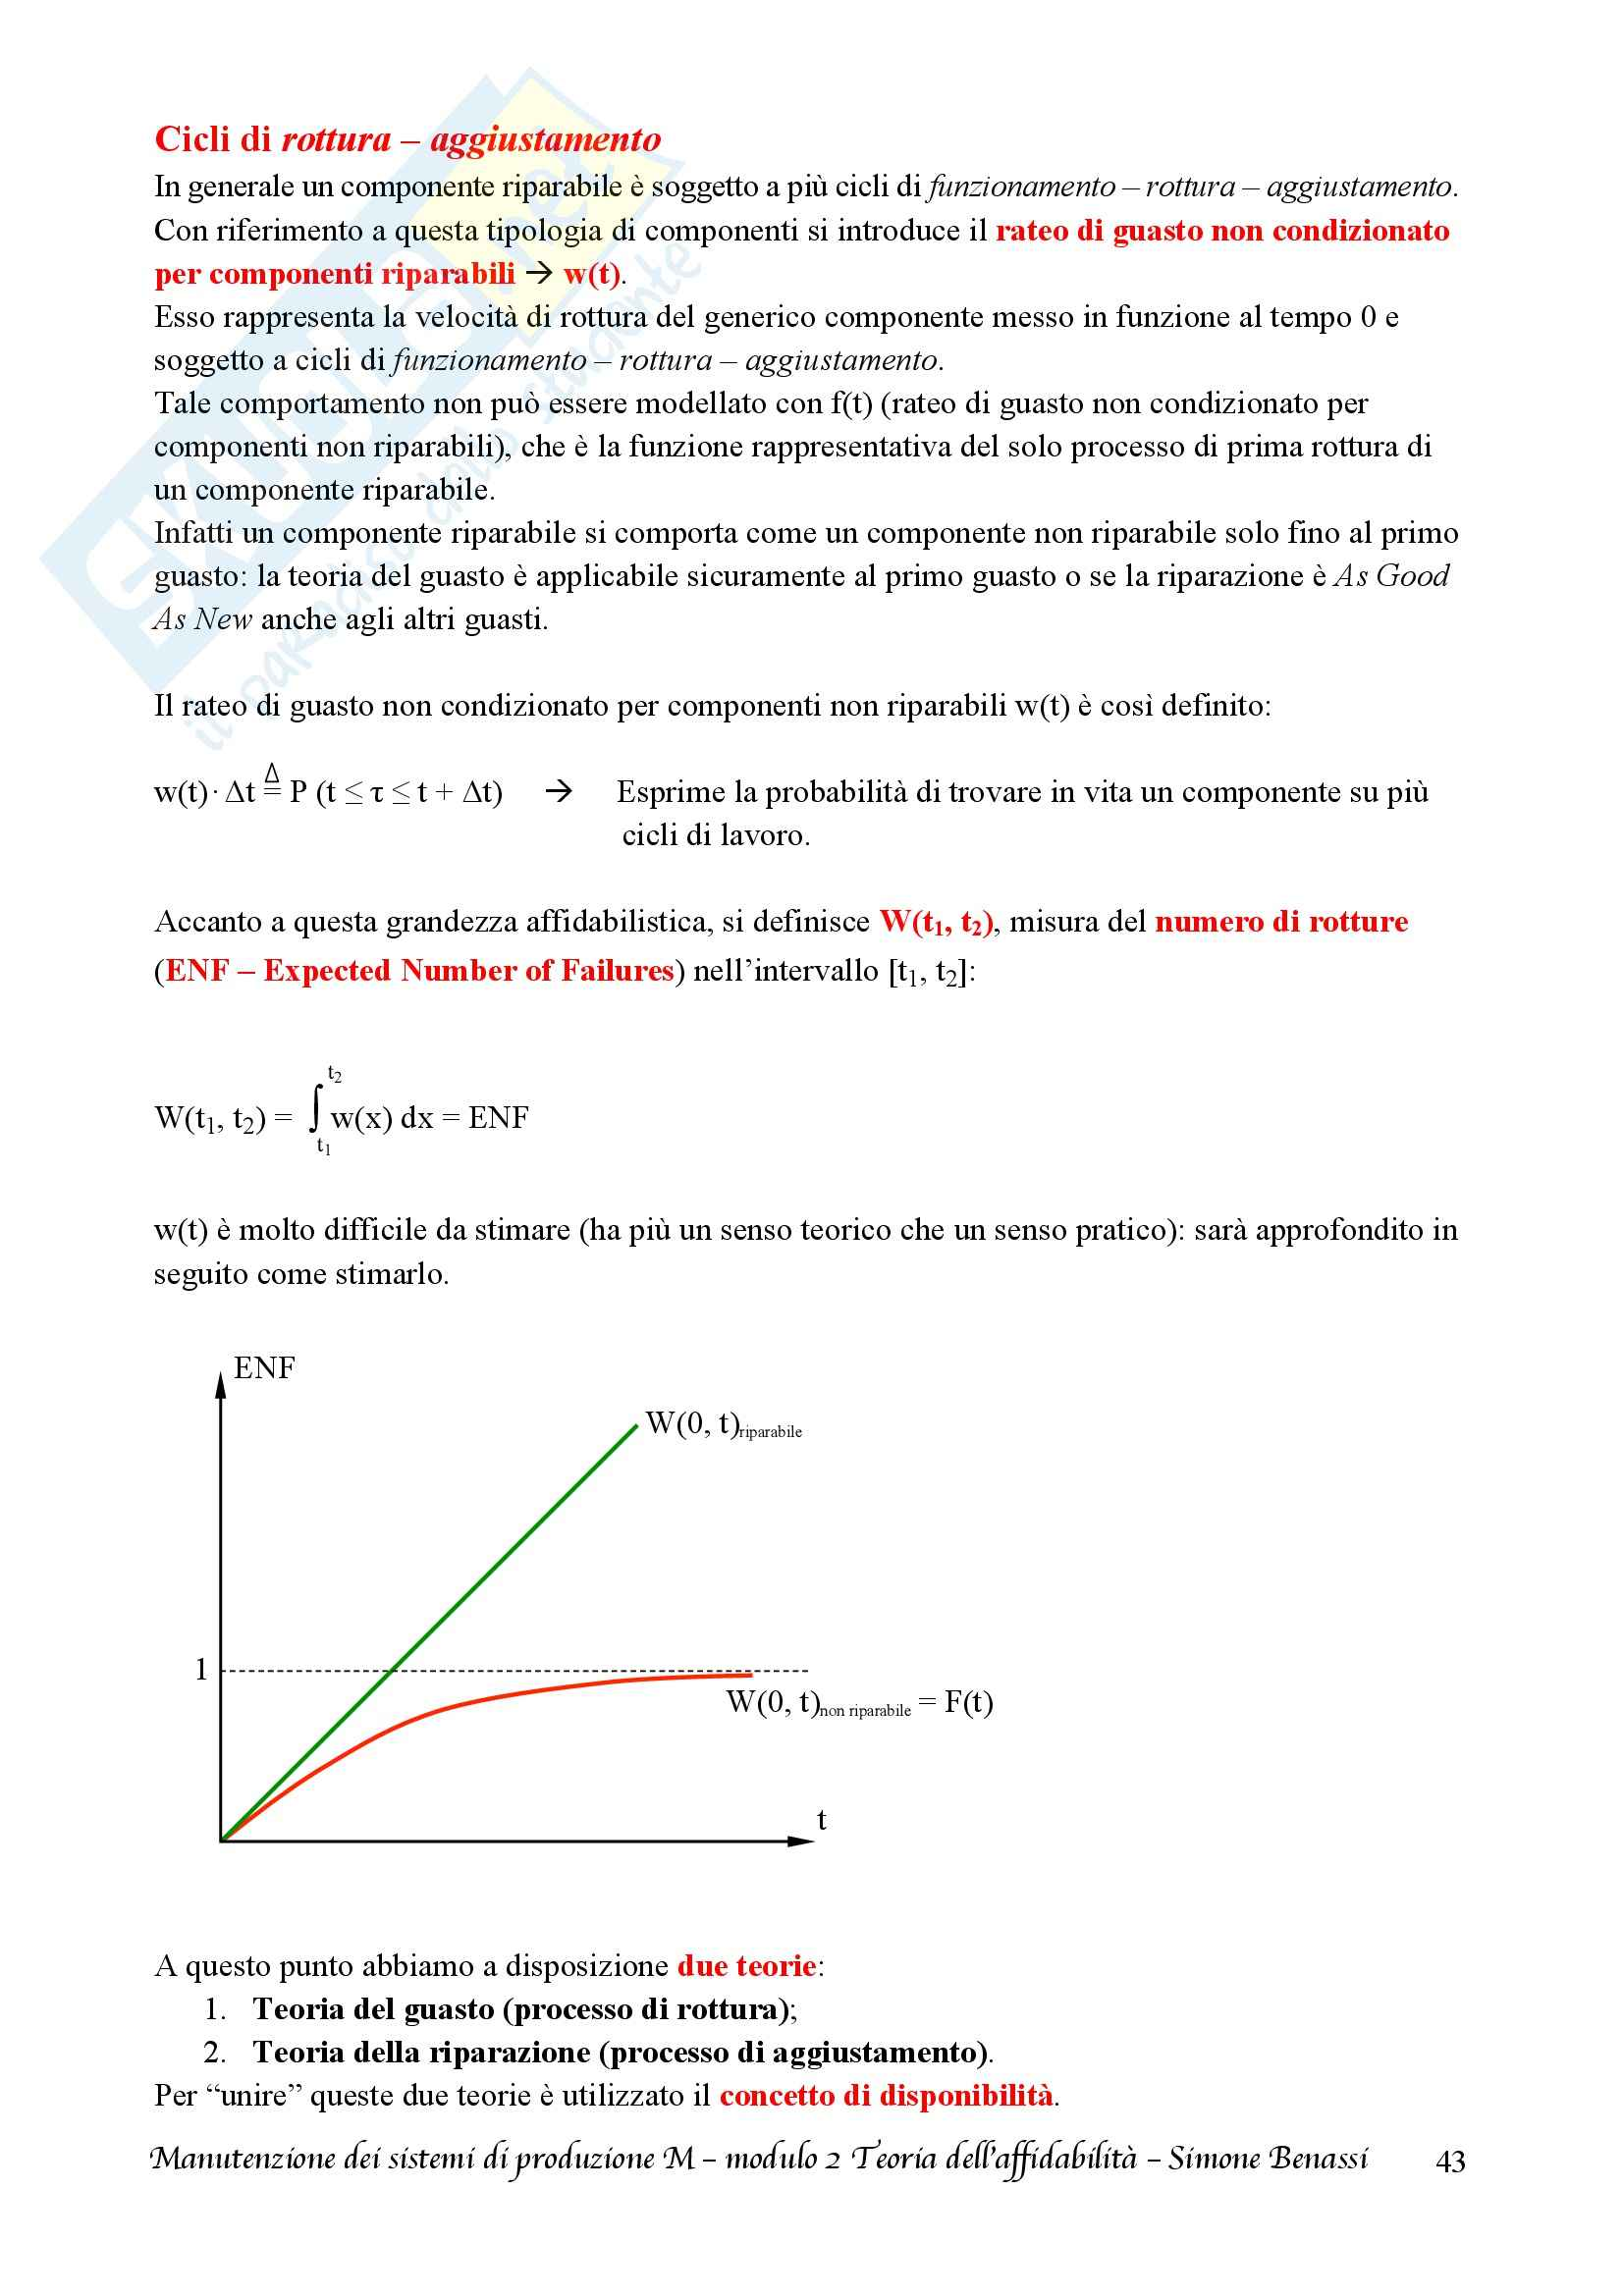 Lezioni, Manutenzione dei sistemi di produzione M Pag. 46